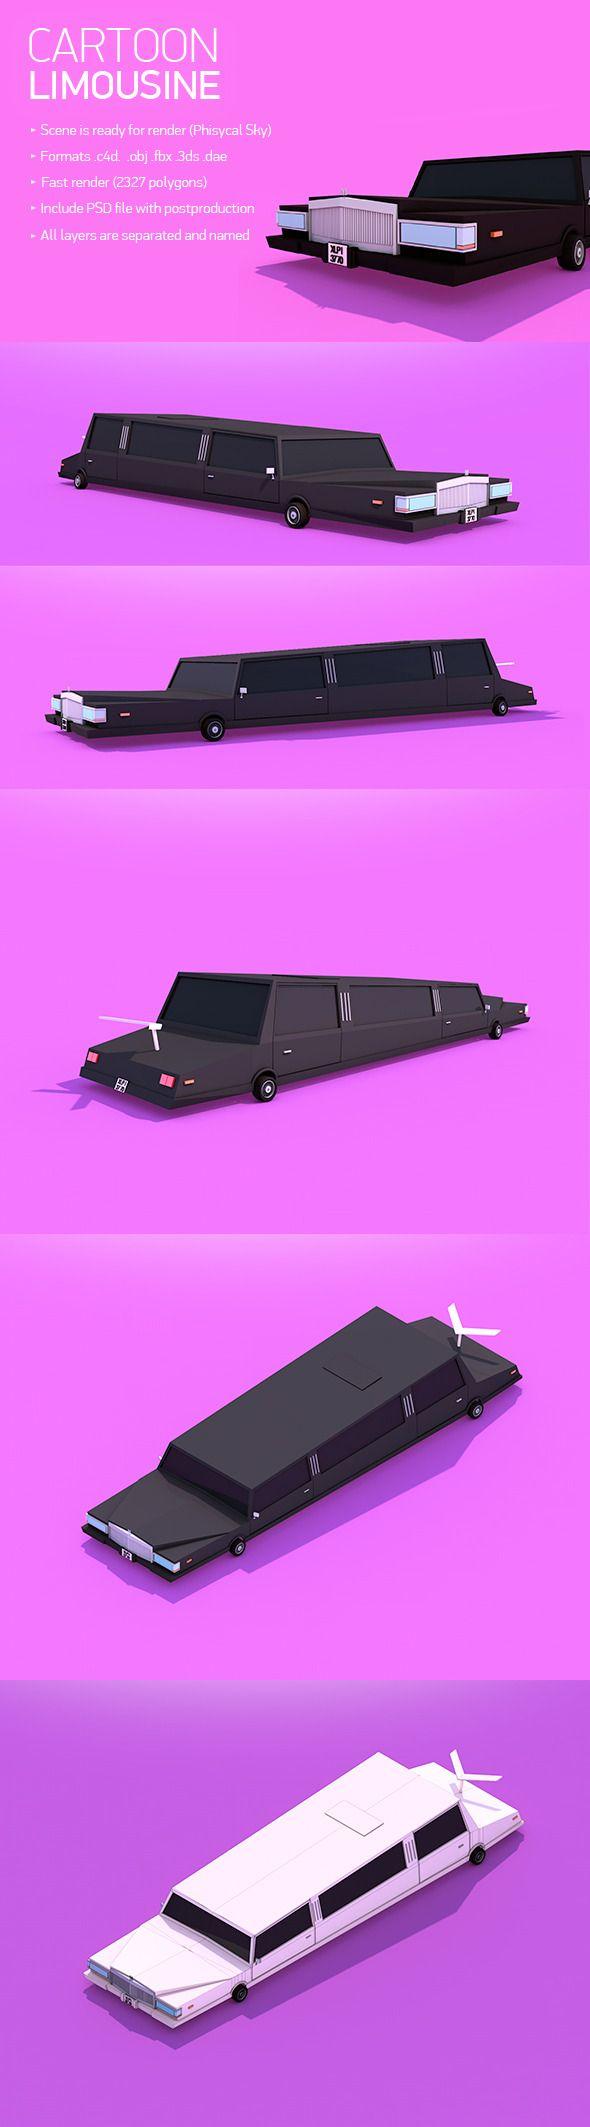 Low Poly Cartoon Limousine 3D Models Design Template #cinema4d #3D Download here: https://3docean.net/item/cartoon-limousine/12757050?ref=yinkira